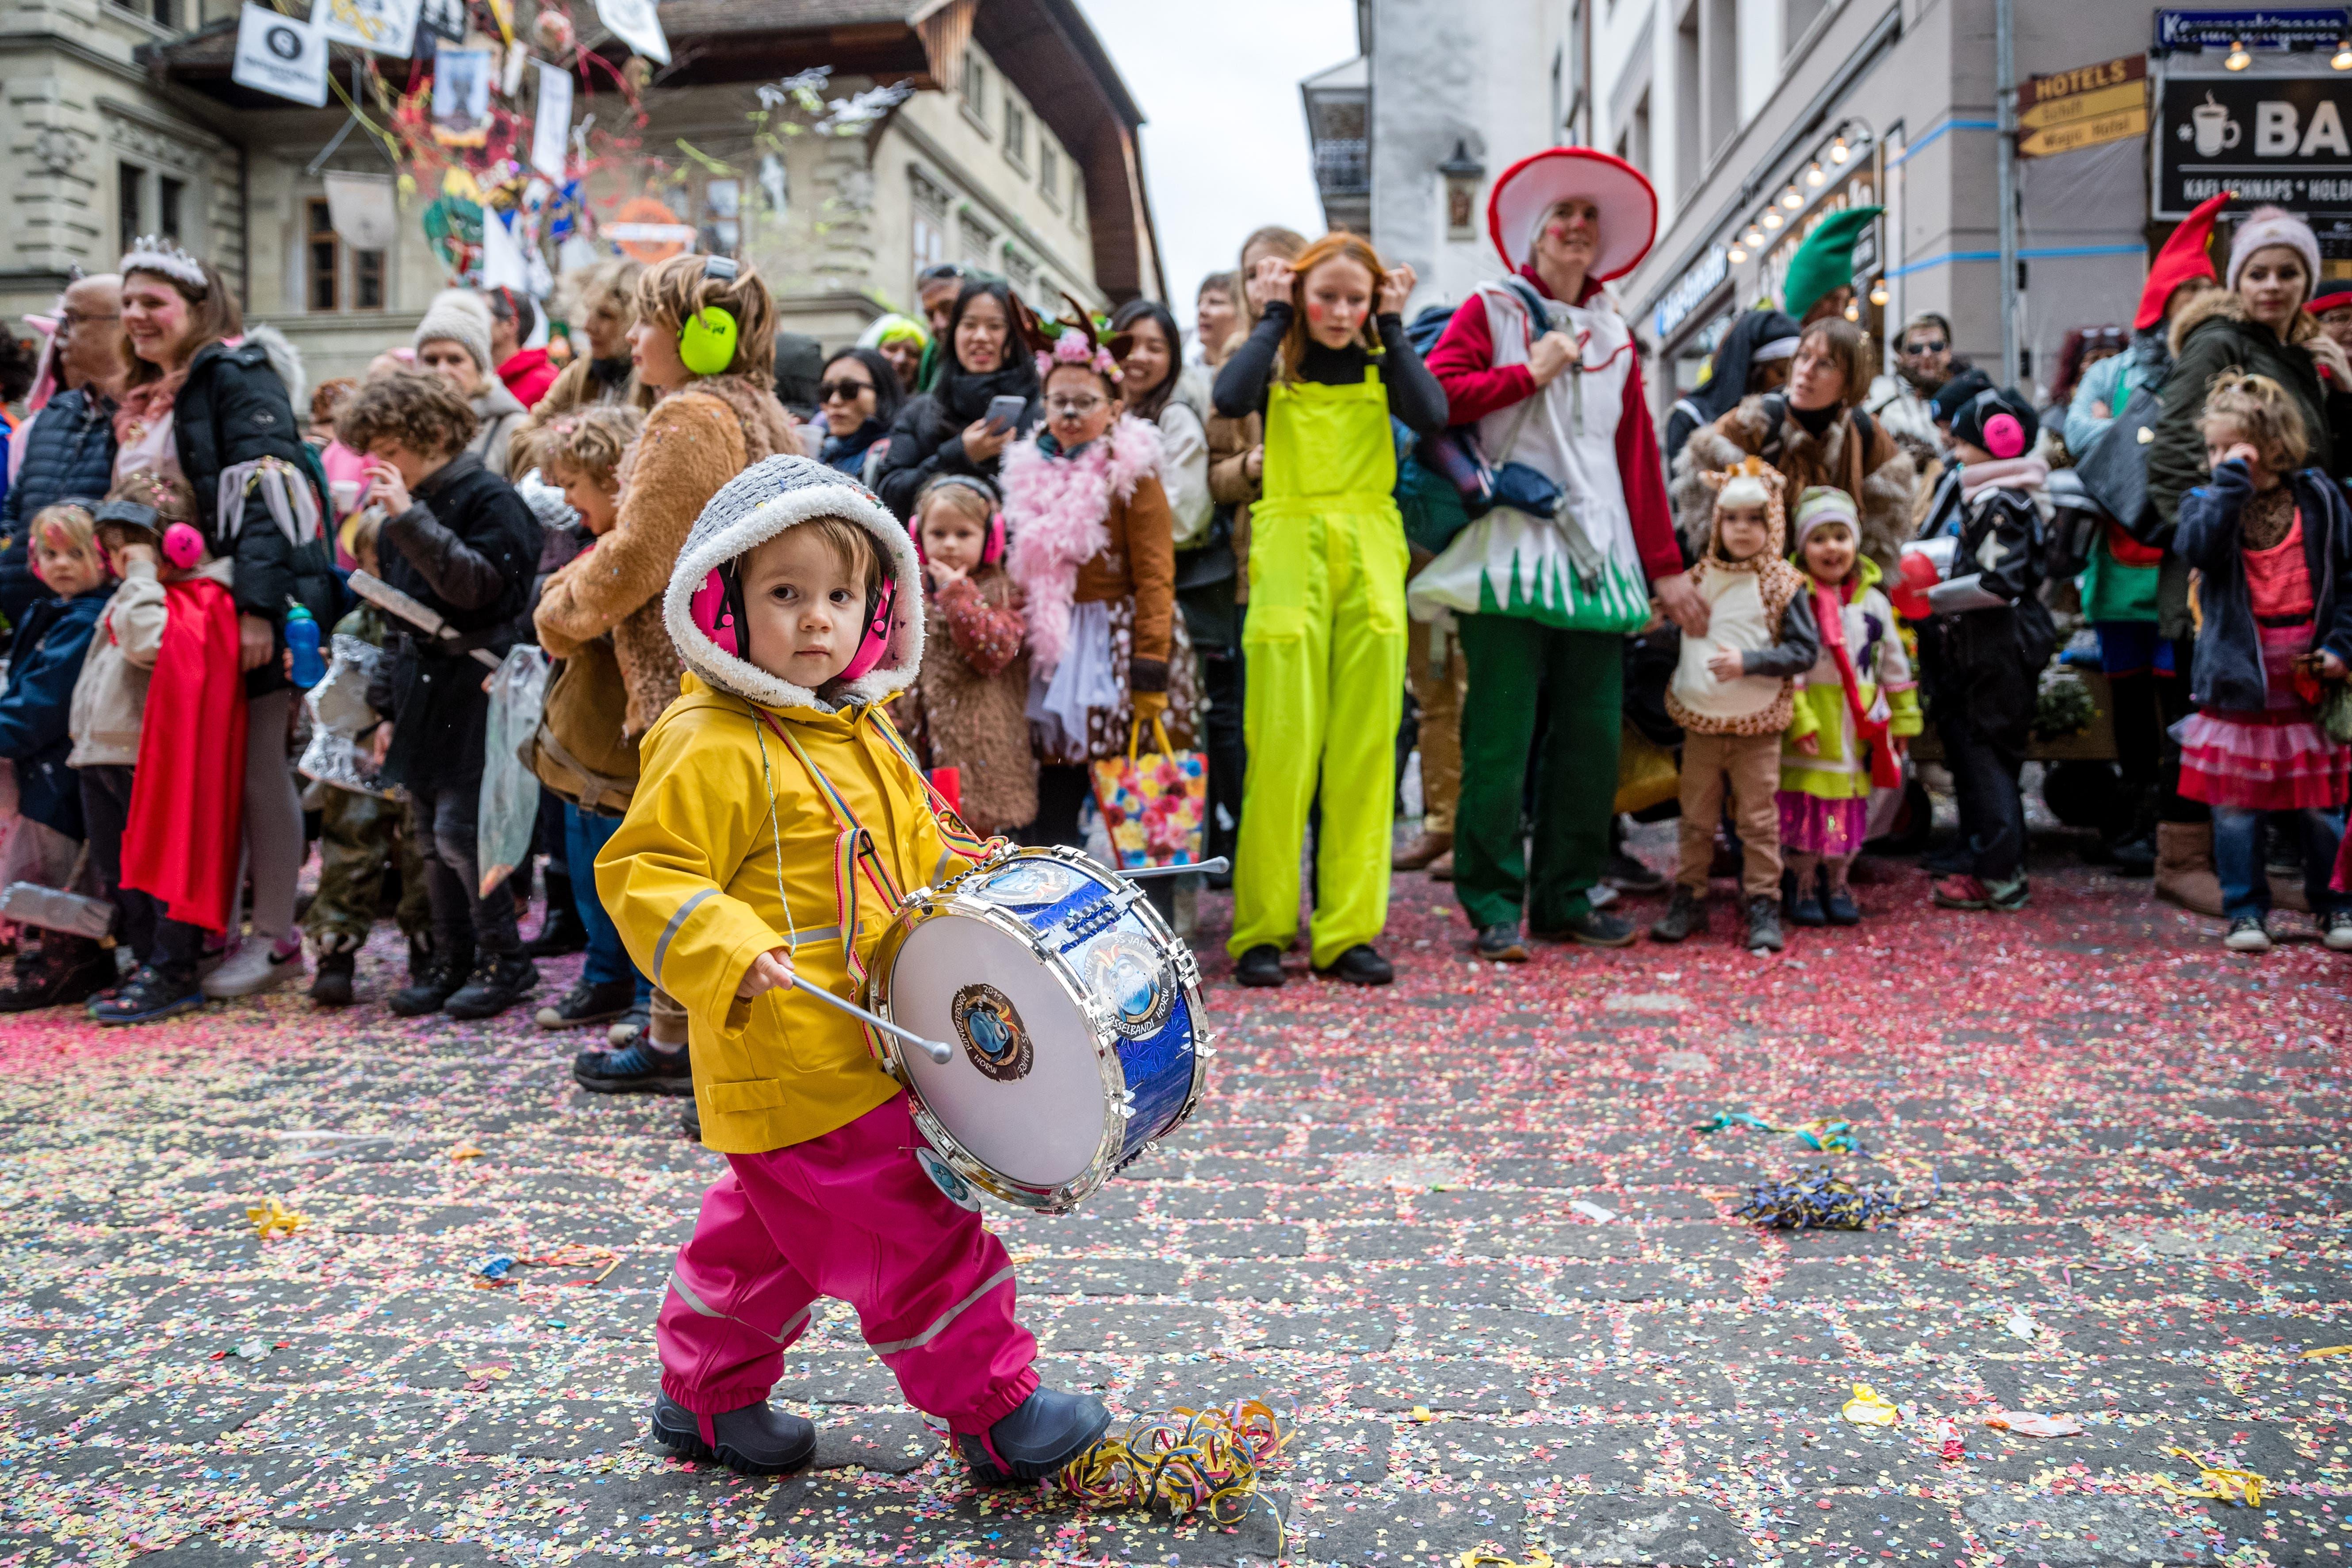 Impressionen des Chendermonschters in der Stadt Luzern.